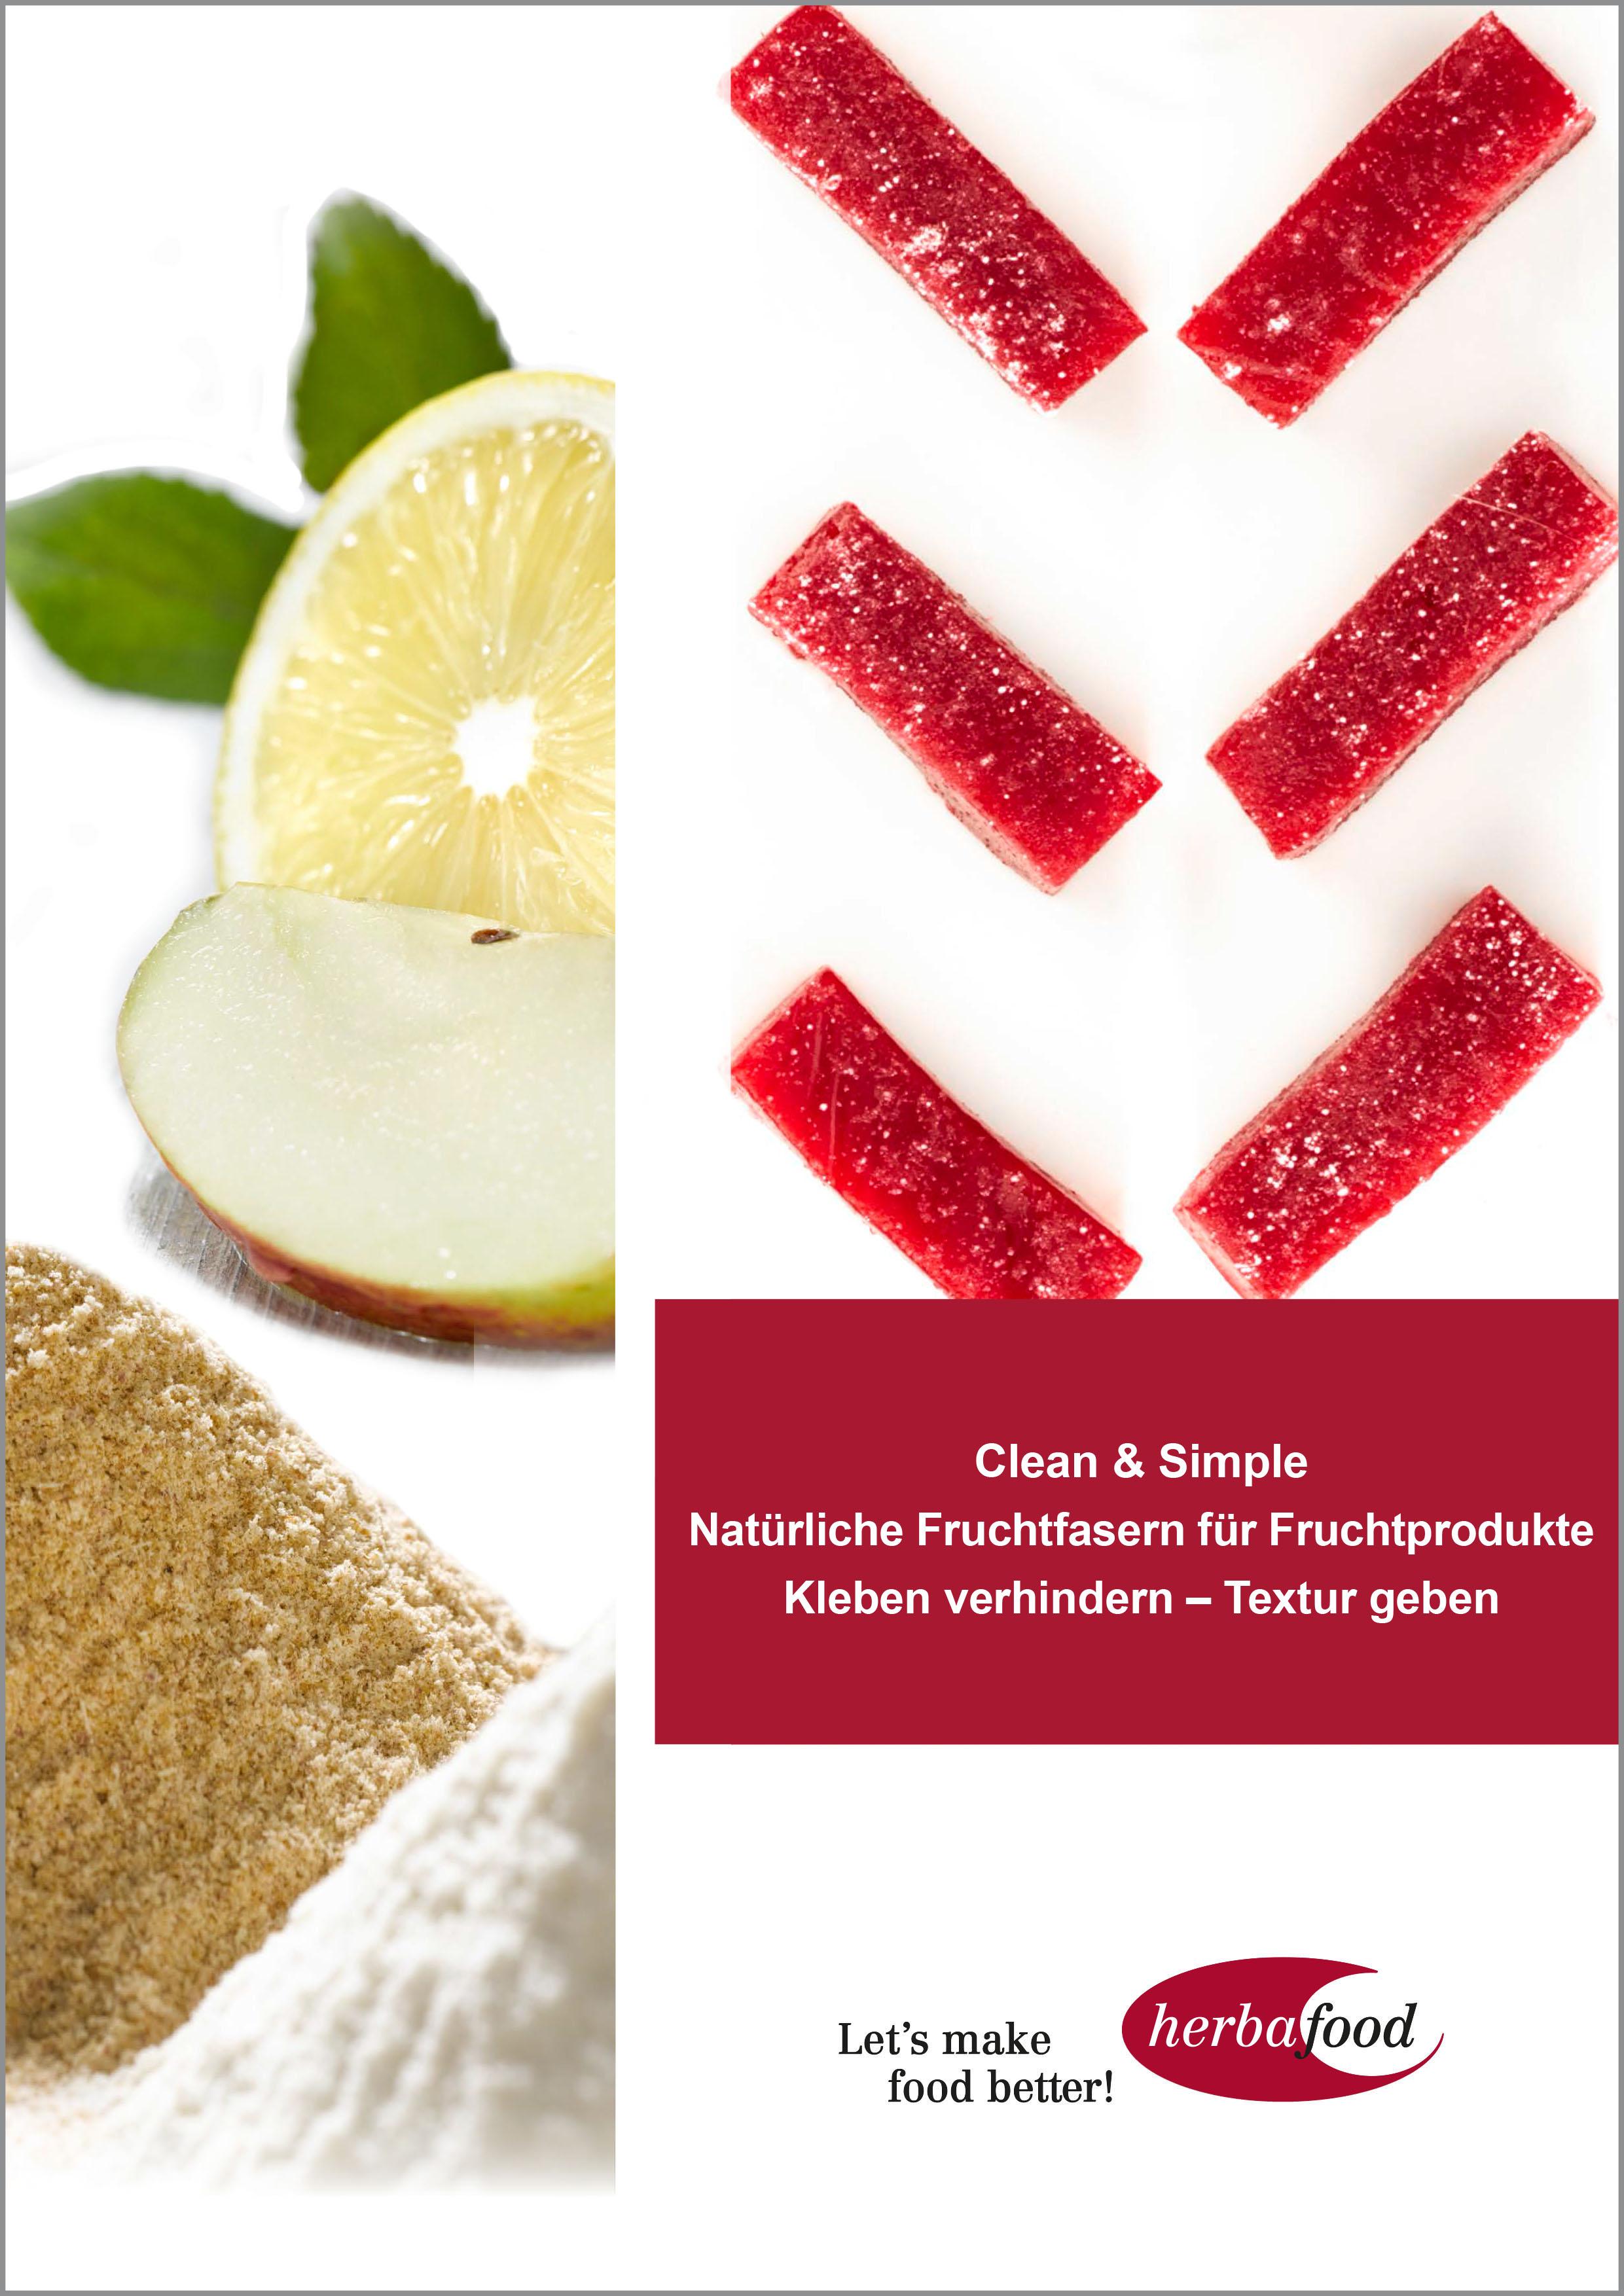 Clean & Simple – Natürliche Fruchtfasern für Fruchtprodukte: Kleben verhindern – Textur geben (Format: PDF – Größe: 700 KB)